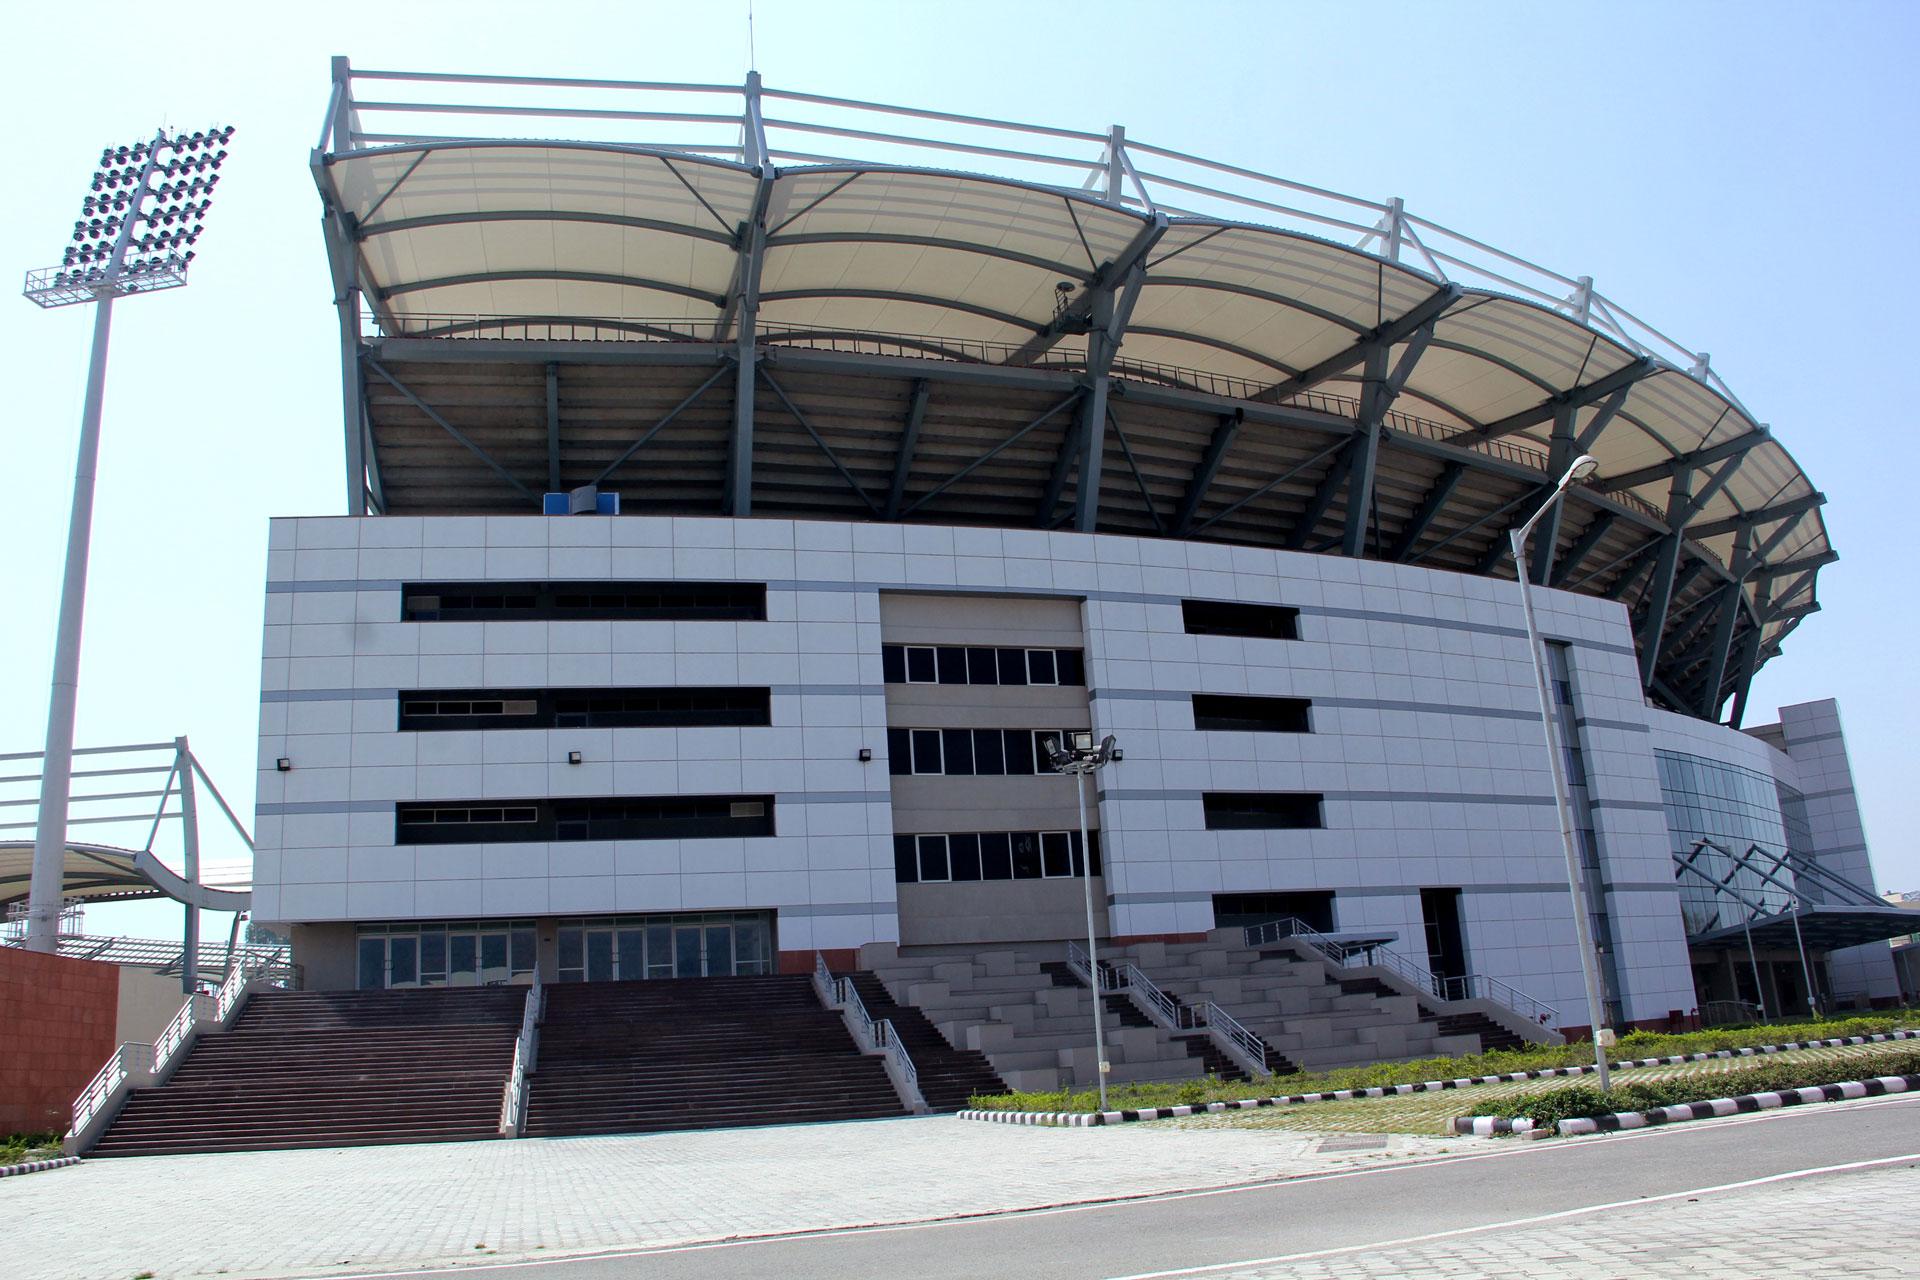 Rajiv Gandhi Stadium